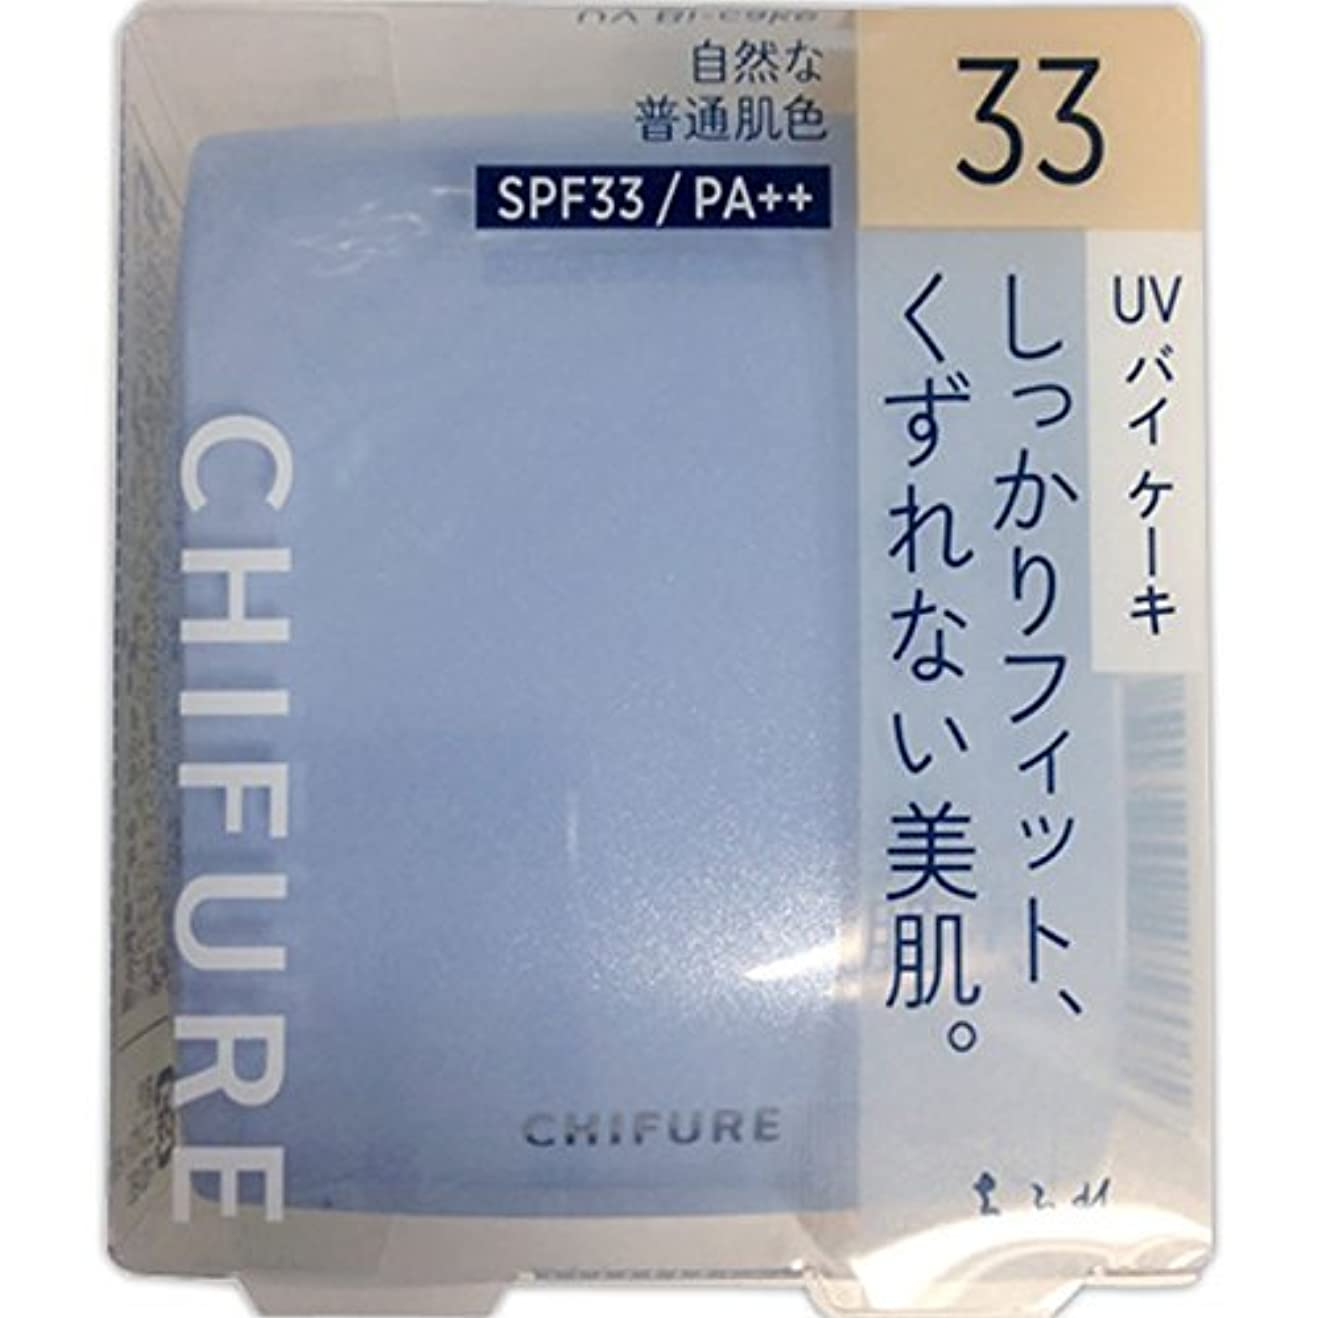 視線オーブンボックスちふれ化粧品 UV バイ ケーキ(スポンジ入り) 33 自然な普通肌色 14g